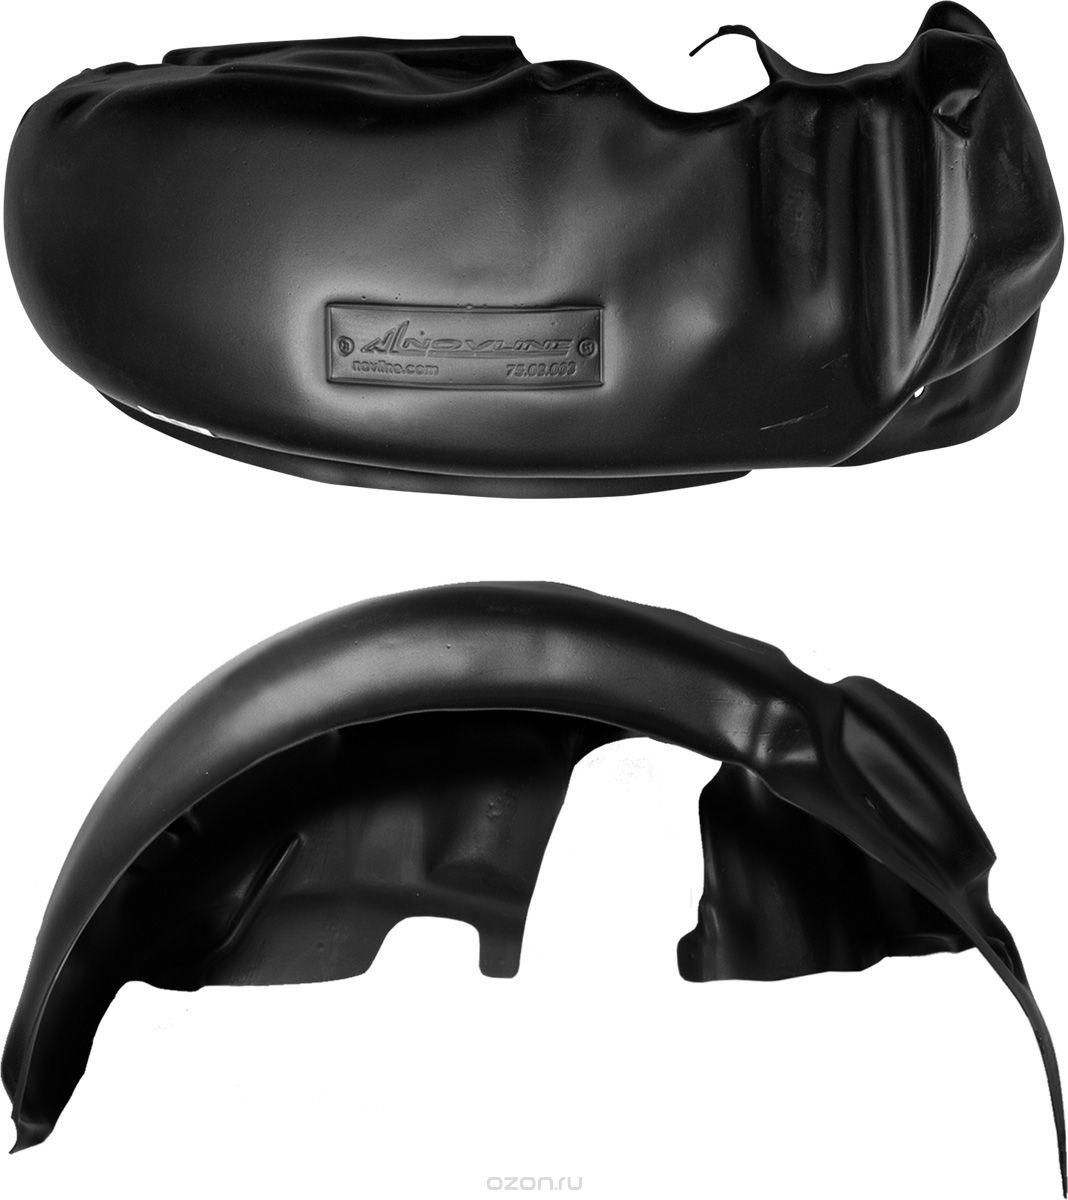 Подкрылок Novline-Autofamily, для Peugeot Boxer, 2006->, с расширителями арок, передний левыйNLL.38.13.001Идеальная защита колесной ниши. Локеры разработаны с применением цифровых технологий, гарантируют максимальную повторяемость поверхности арки. Изделия устанавливаются без нарушения лакокрасочного покрытия автомобиля, каждый подкрылок комплектуется крепежом. Уважаемые клиенты, обращаем ваше внимание, что фотографии на подкрылки универсальные и не отражают реальную форму изделия. При этом само изделие идет точно под размер указанного автомобиля.